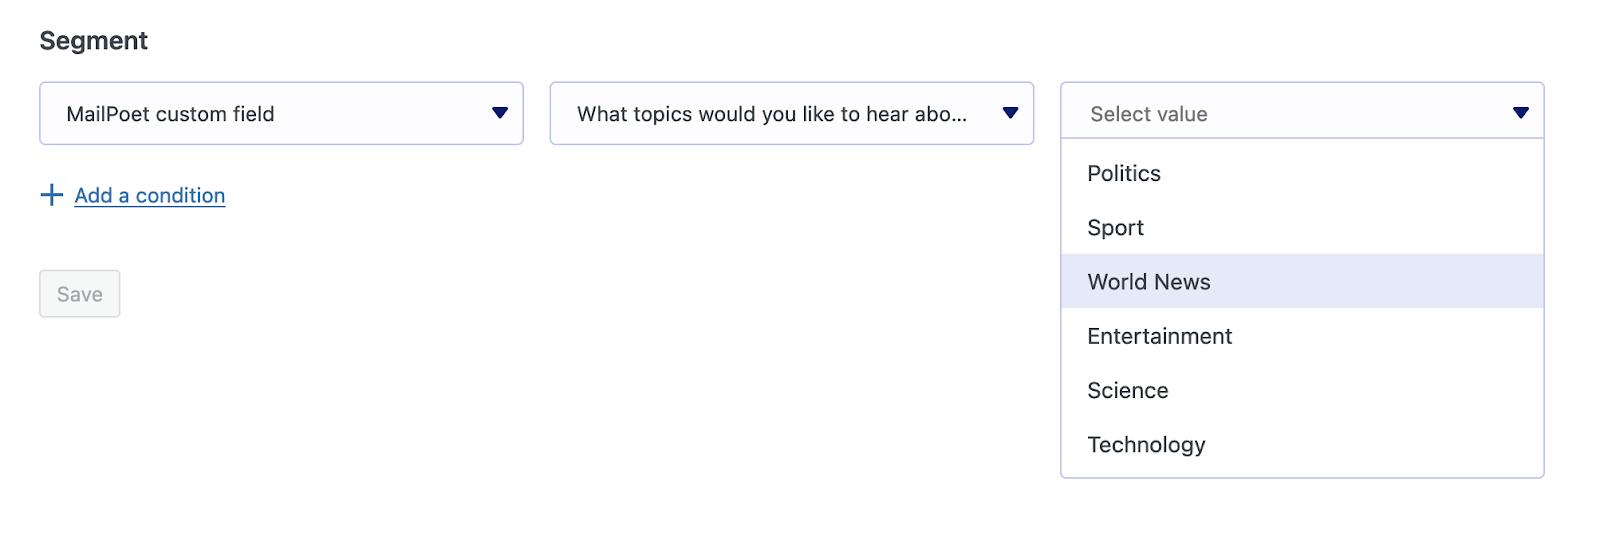 Segmentar por campos de formulario personalizados de MailPoet